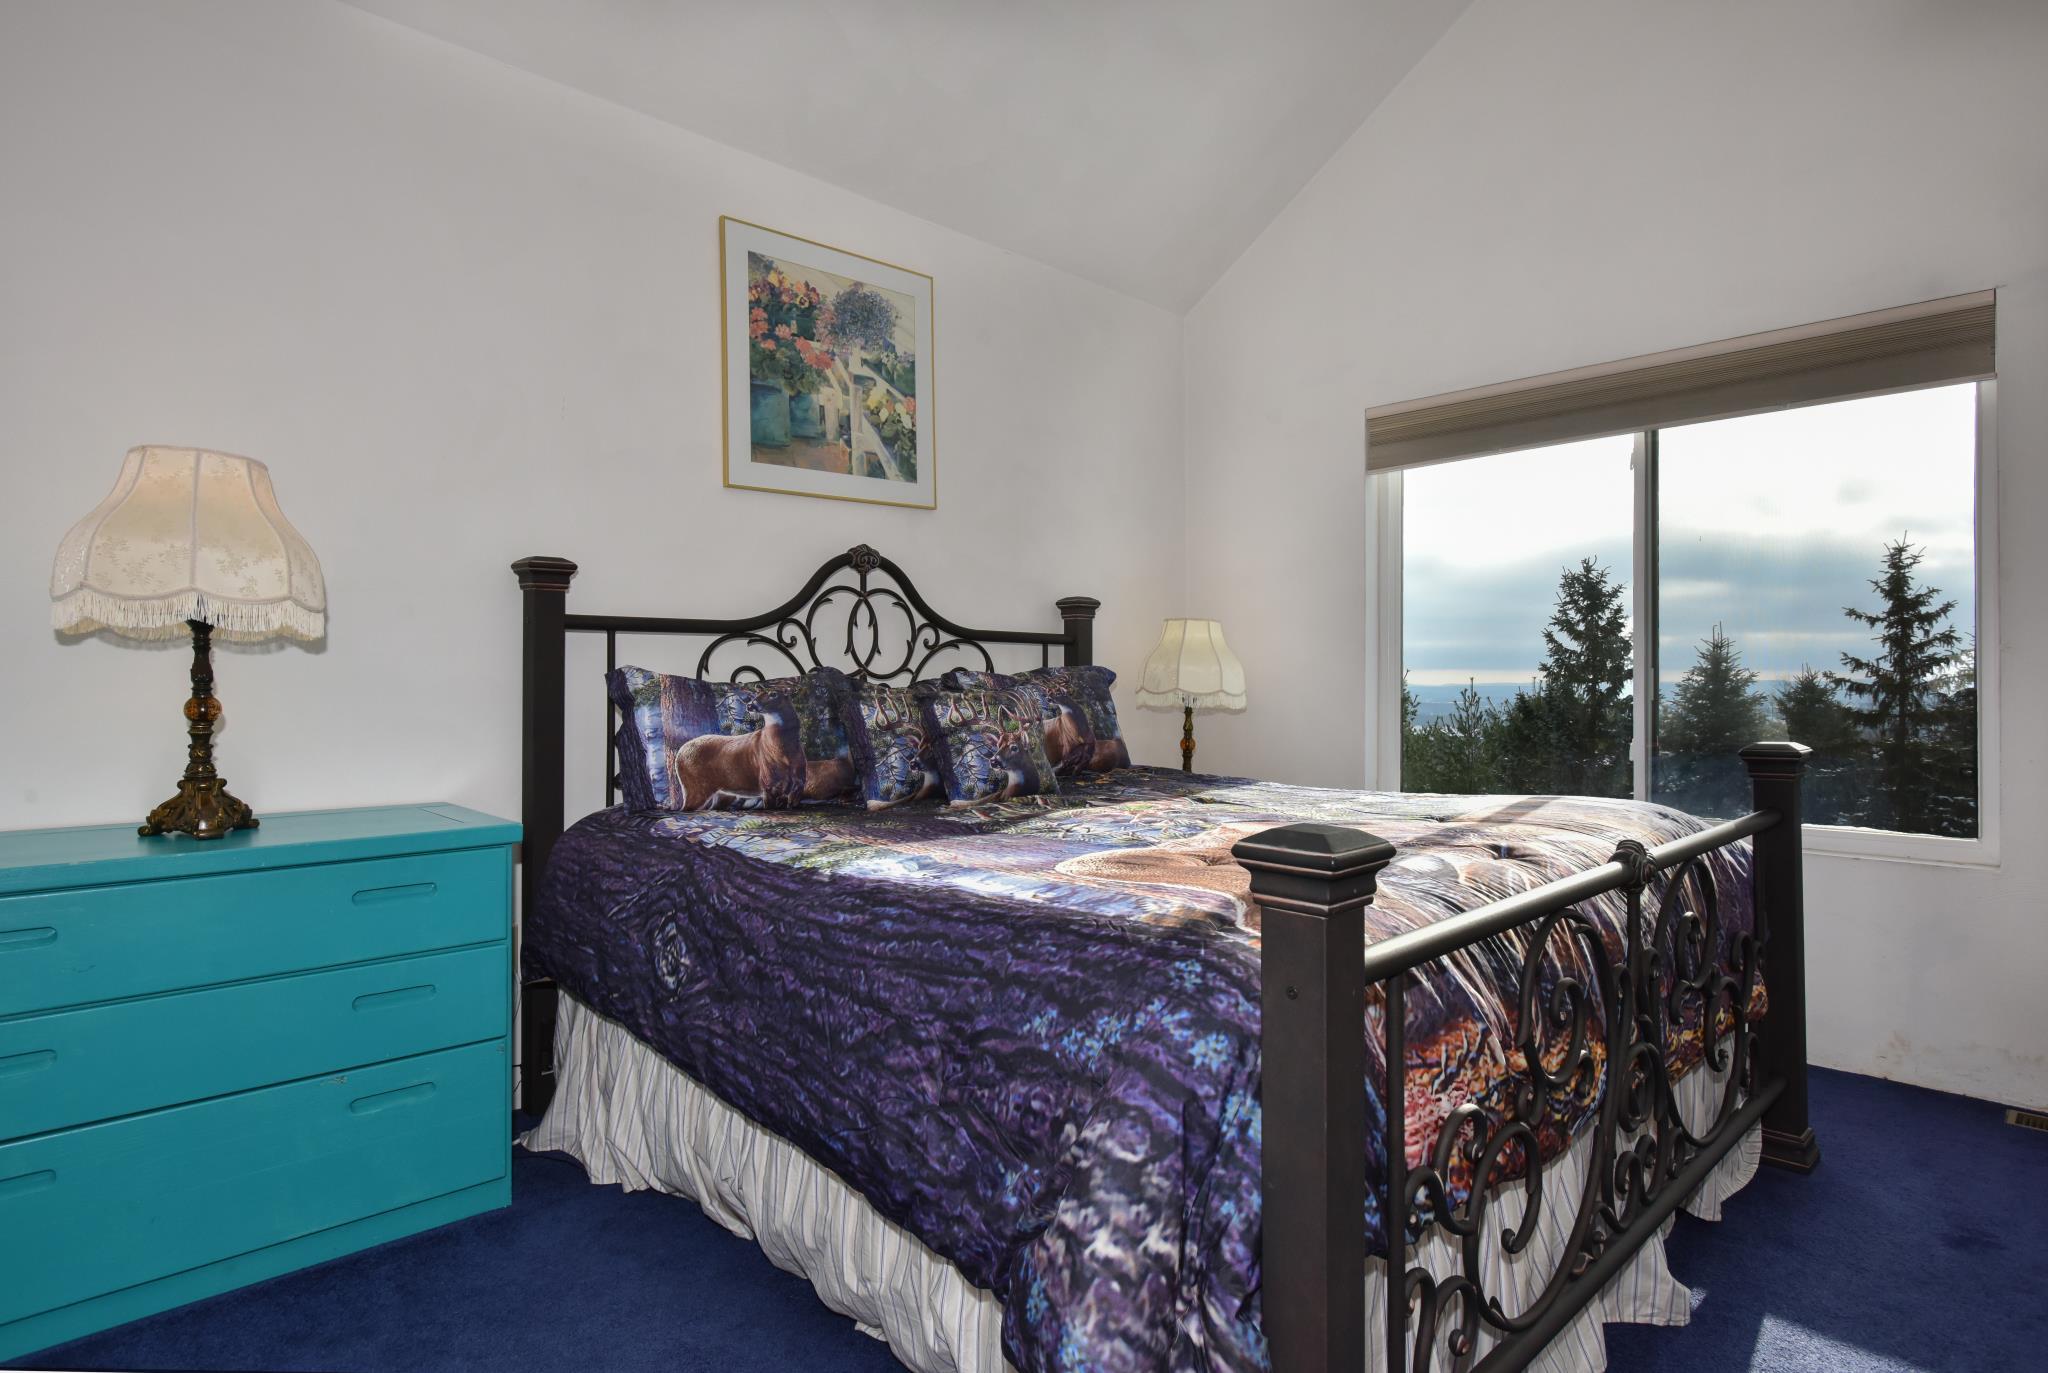 sample photo ks bedroom 2.jpg